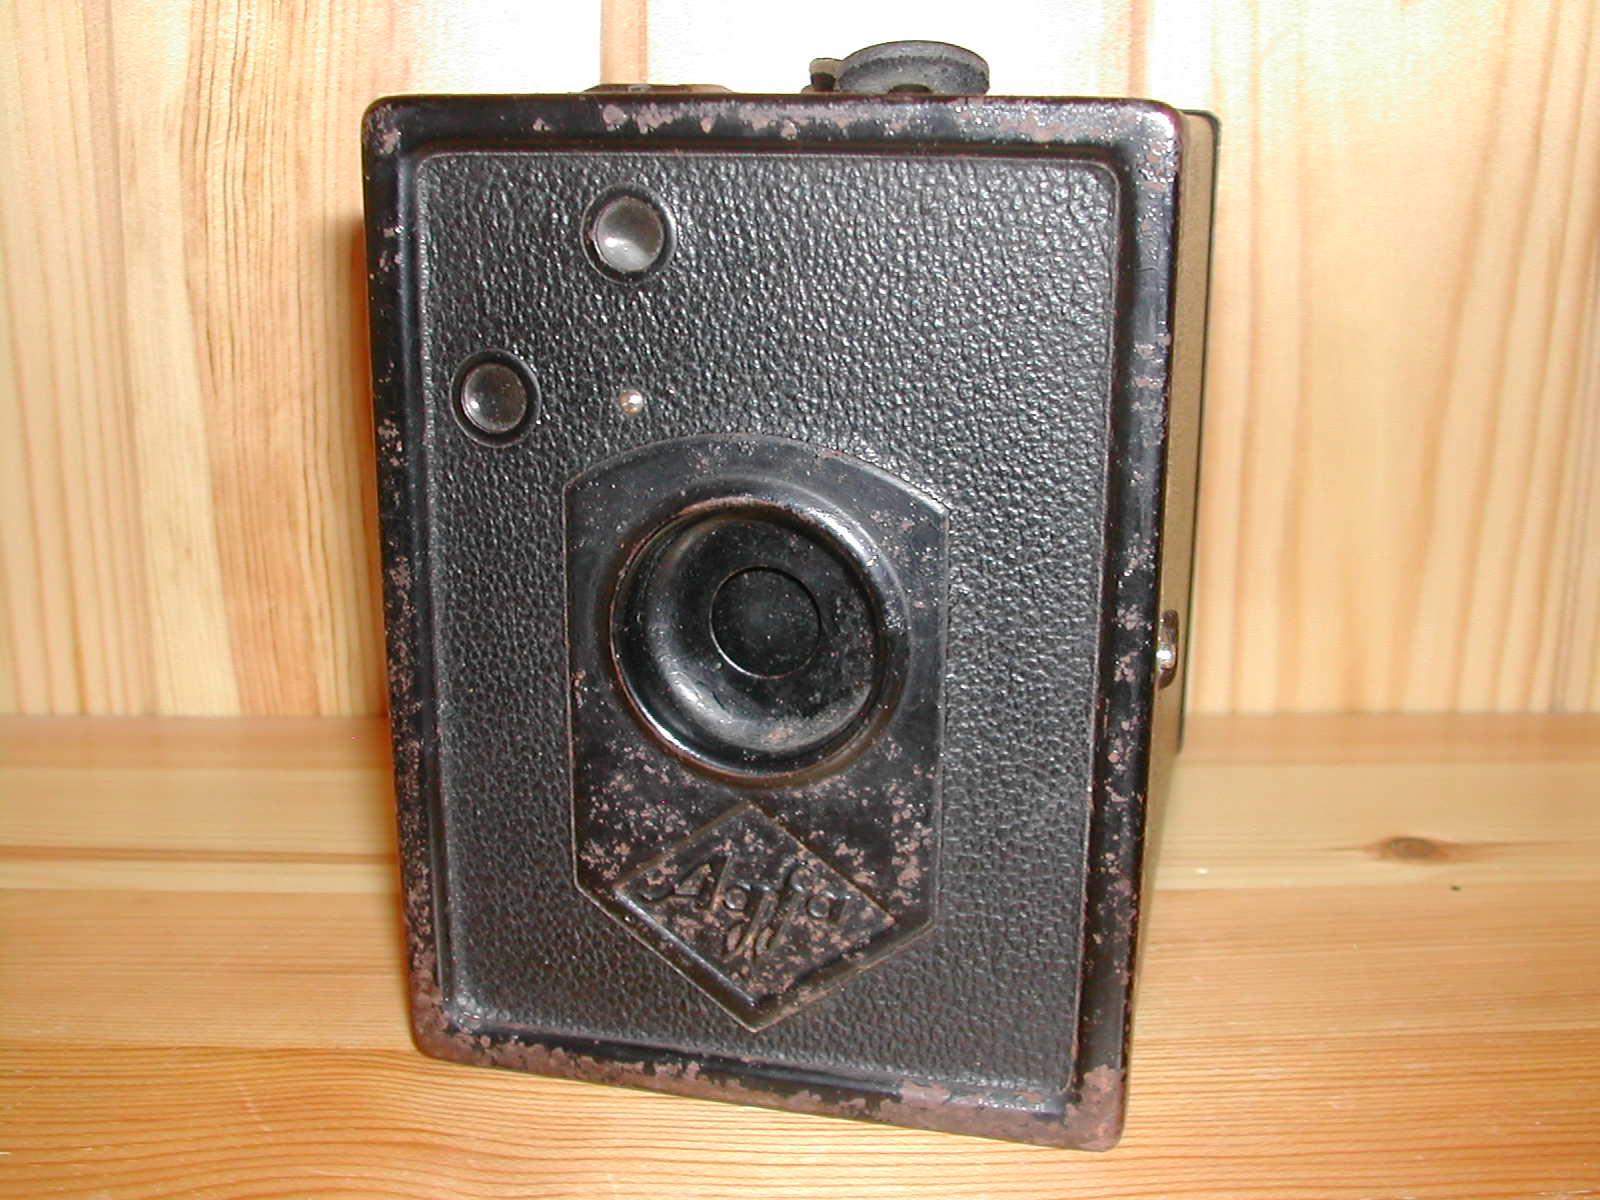 dscn5060.jpg